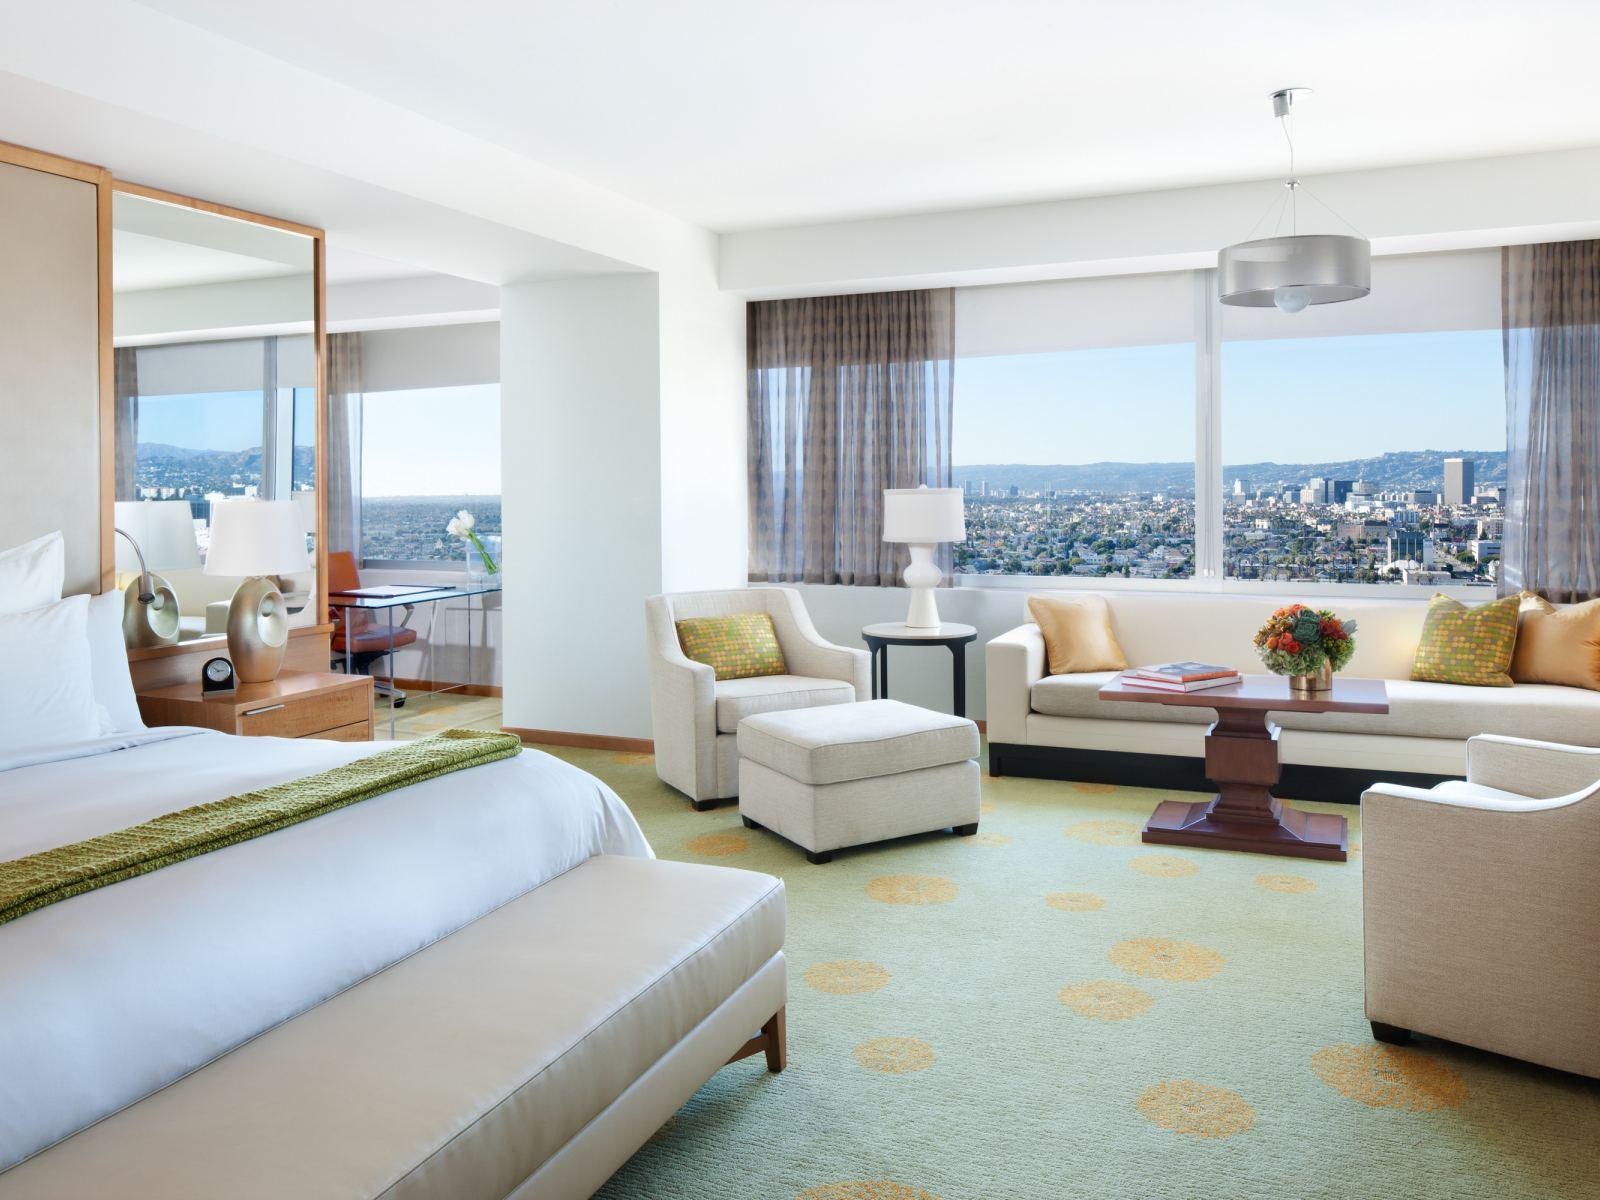 4000-RCLA-Jr-Suite-HiRes